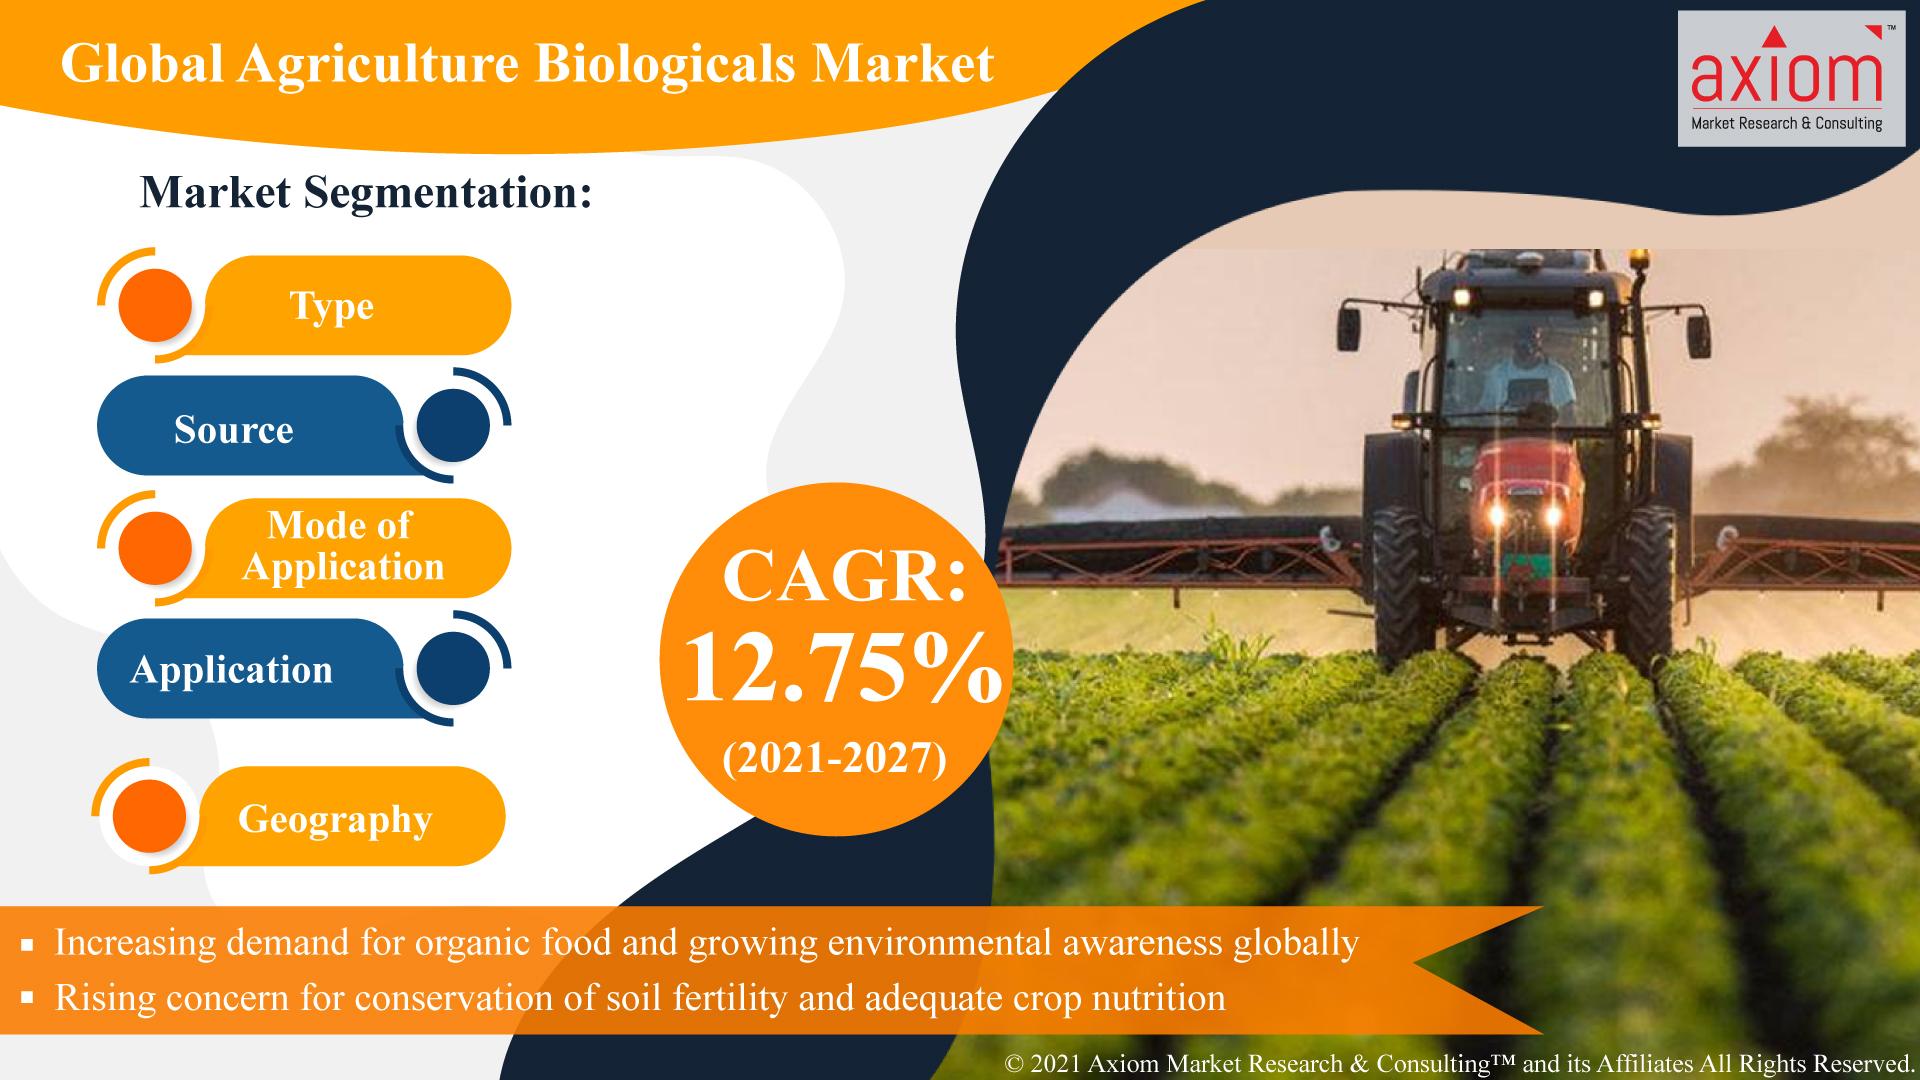 Global-Agriculture-Biologicals-Market